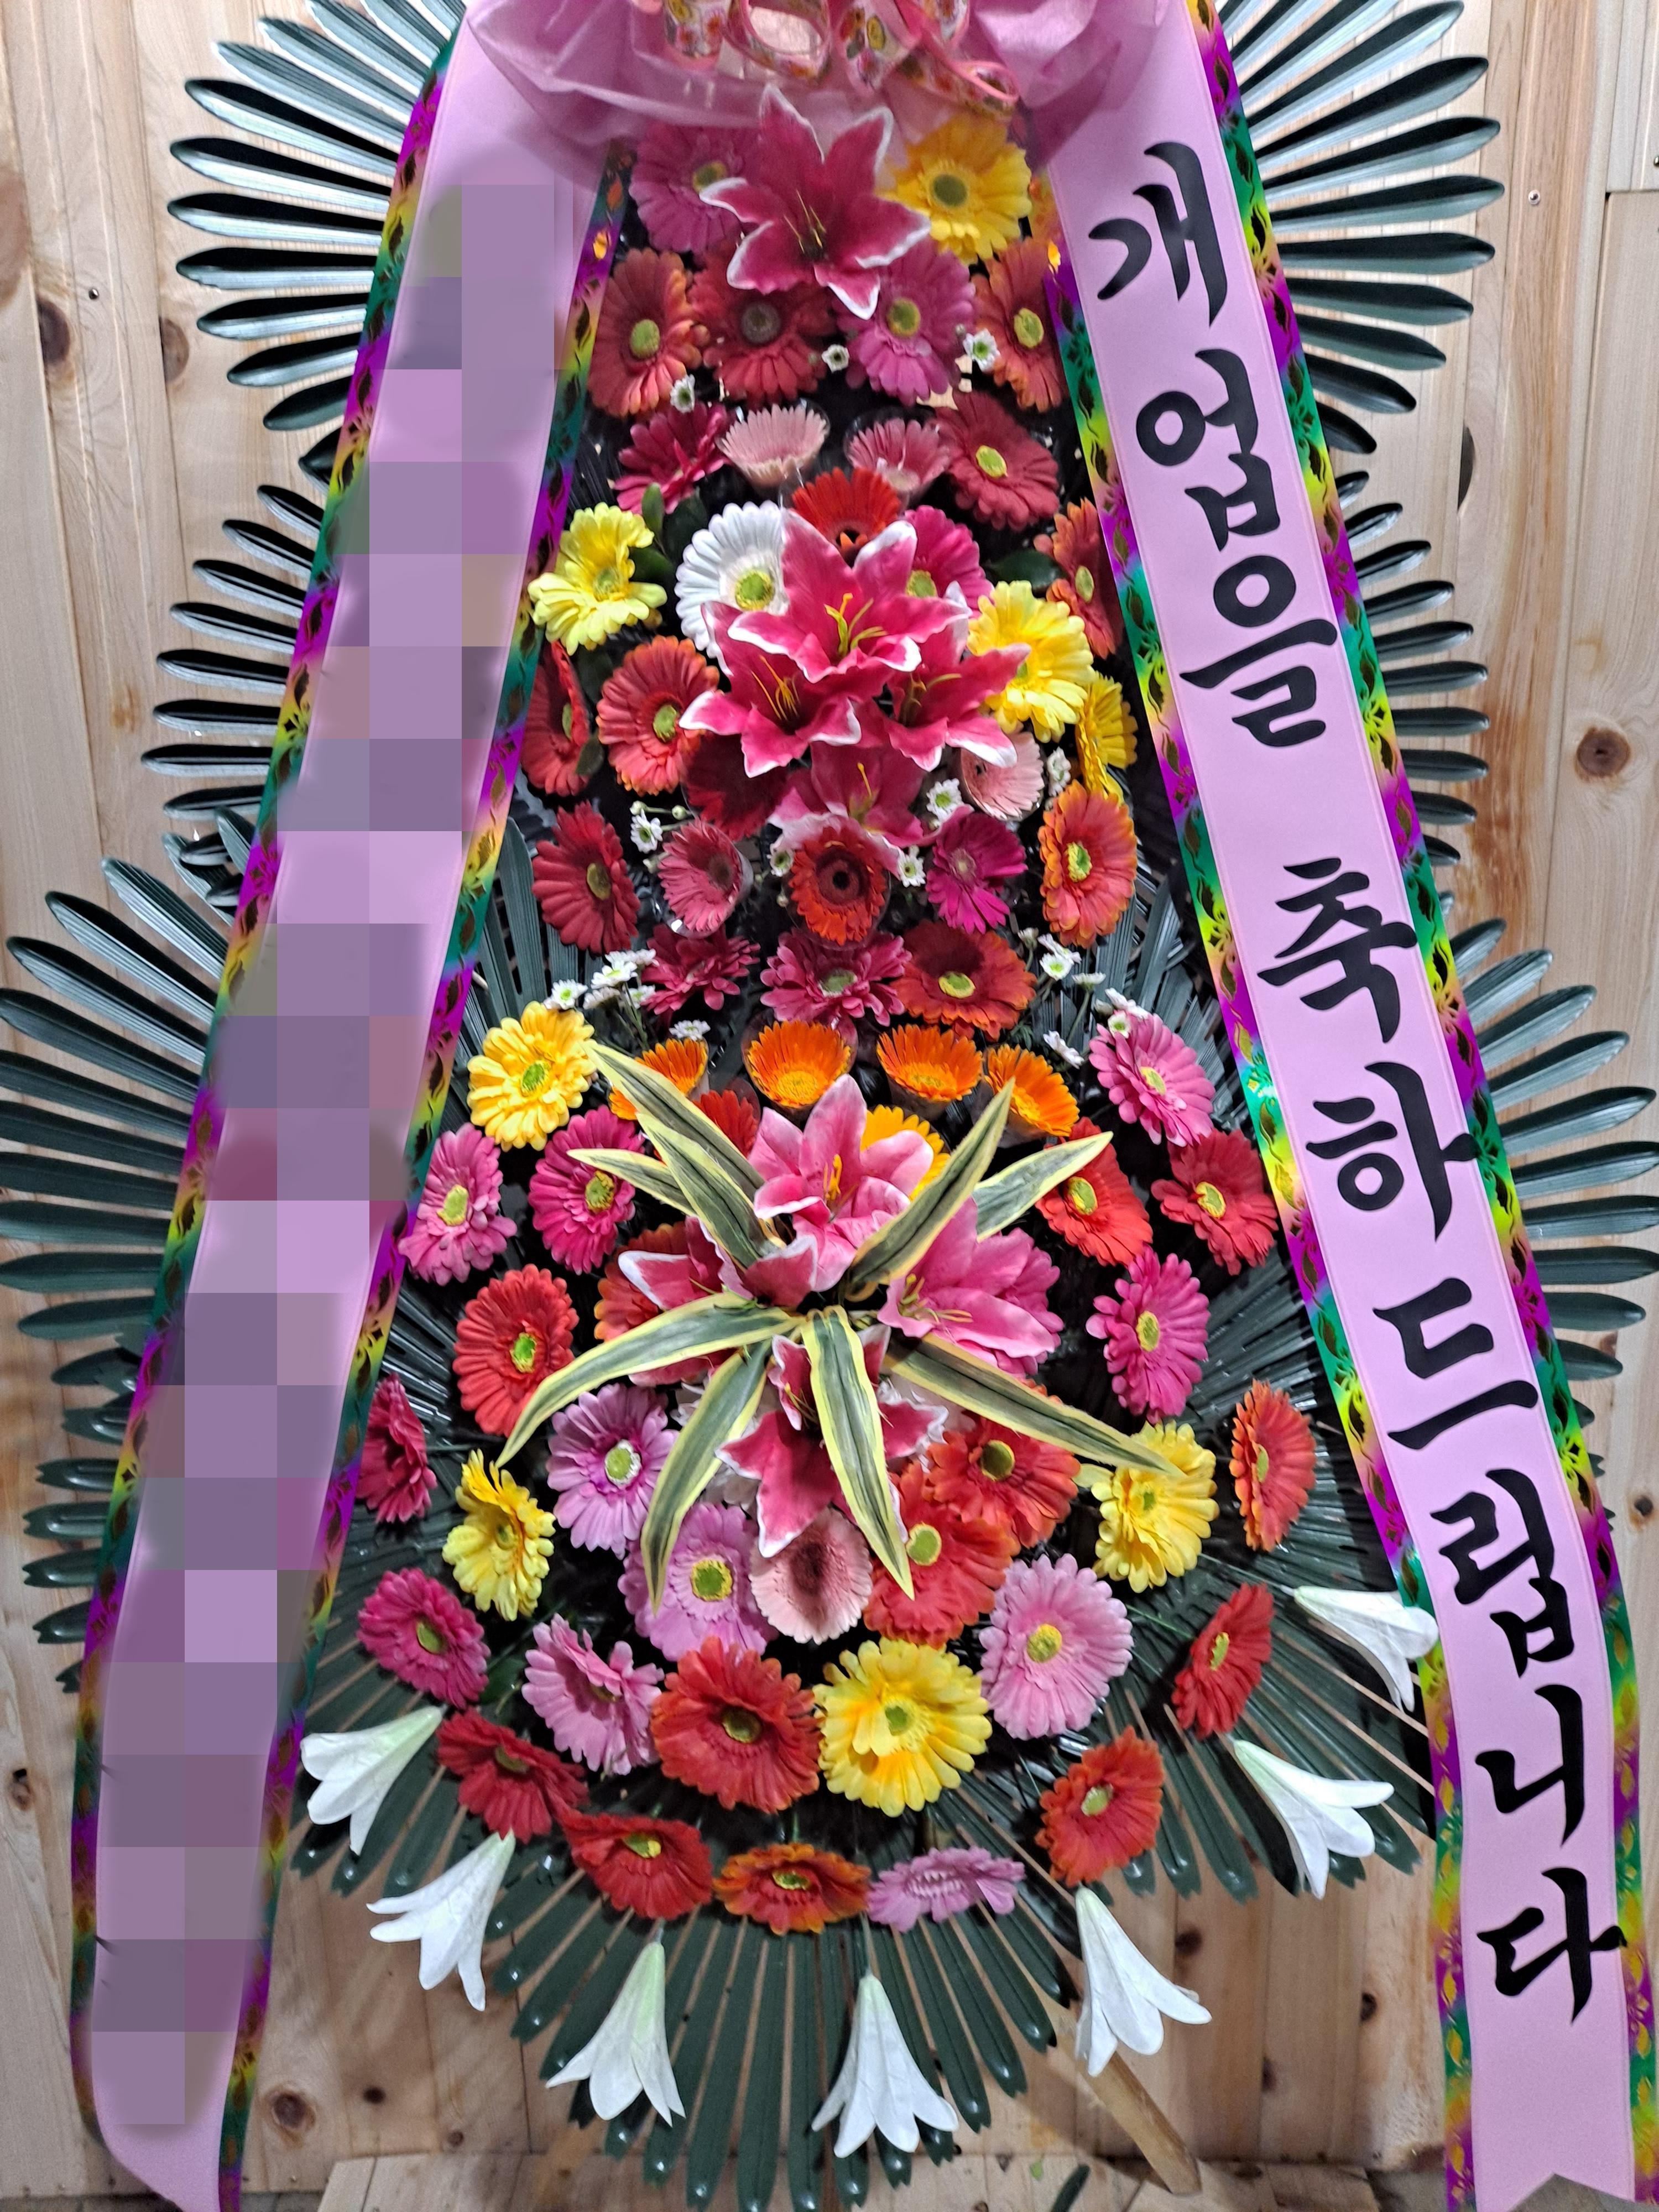 주문자 김OO 서울강서배송완료사진입니다